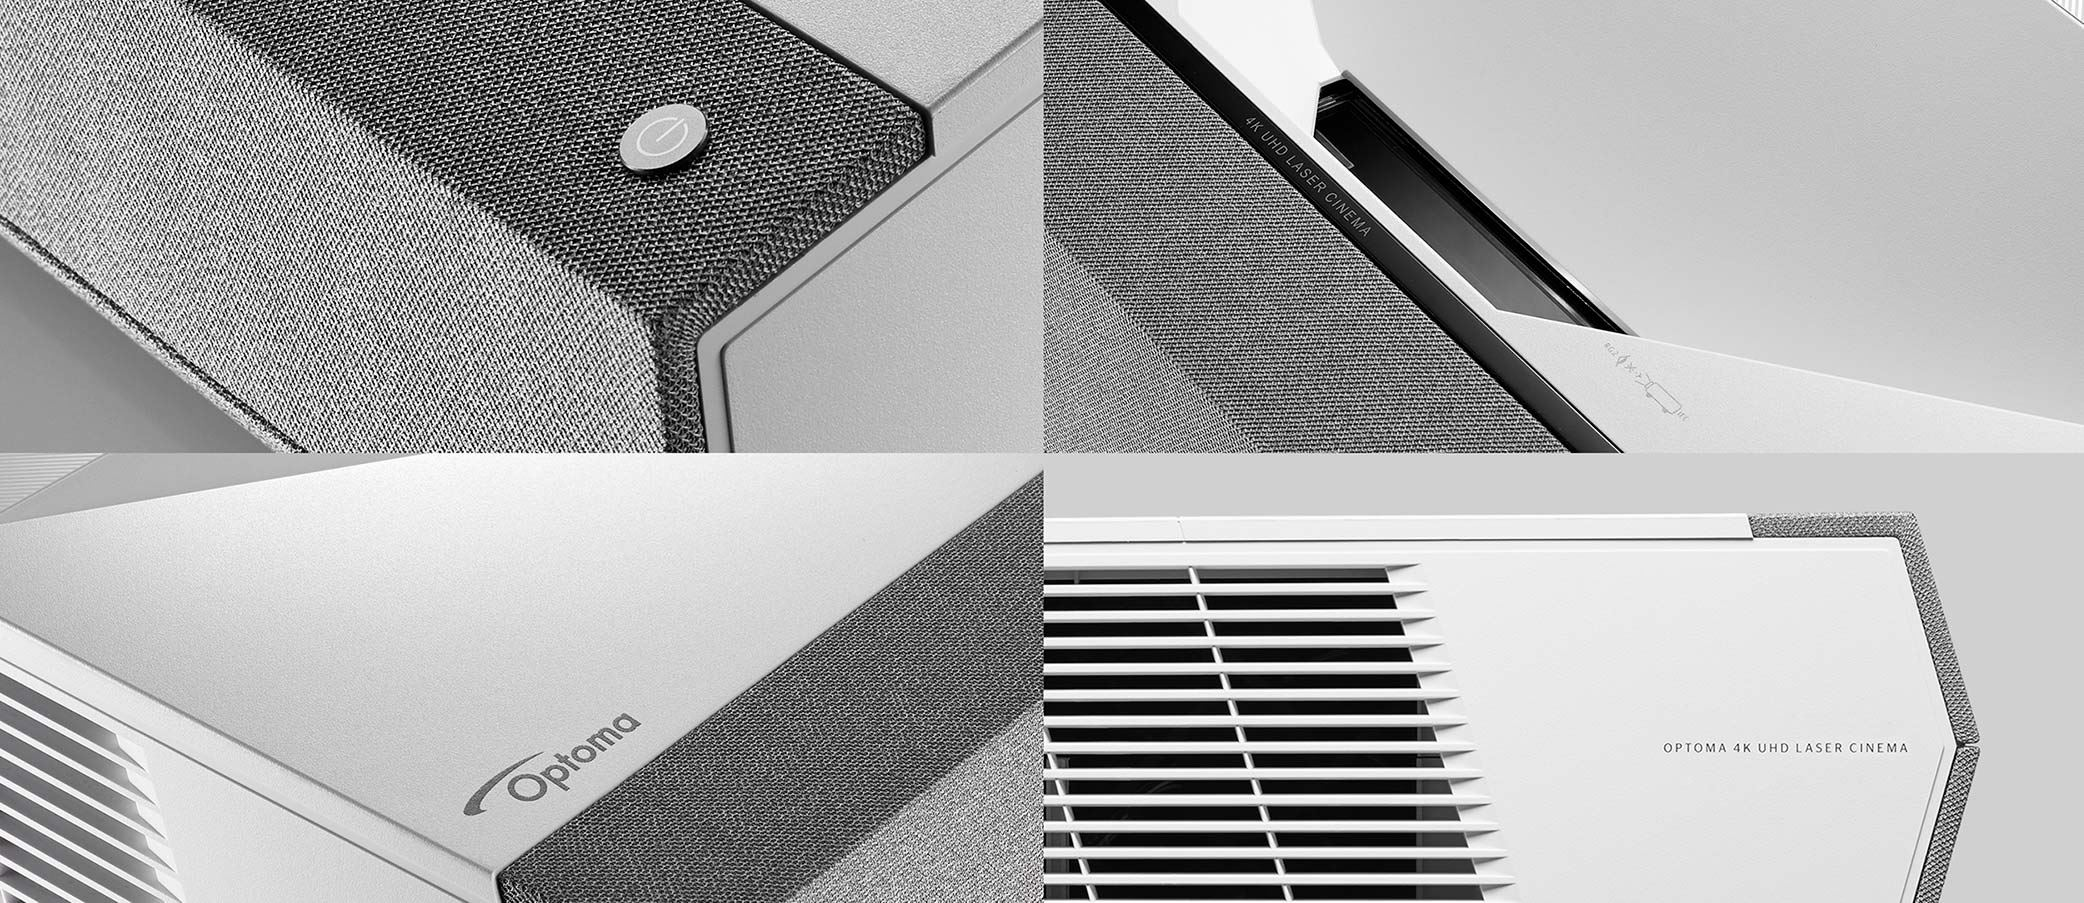 Sleek and stylish design